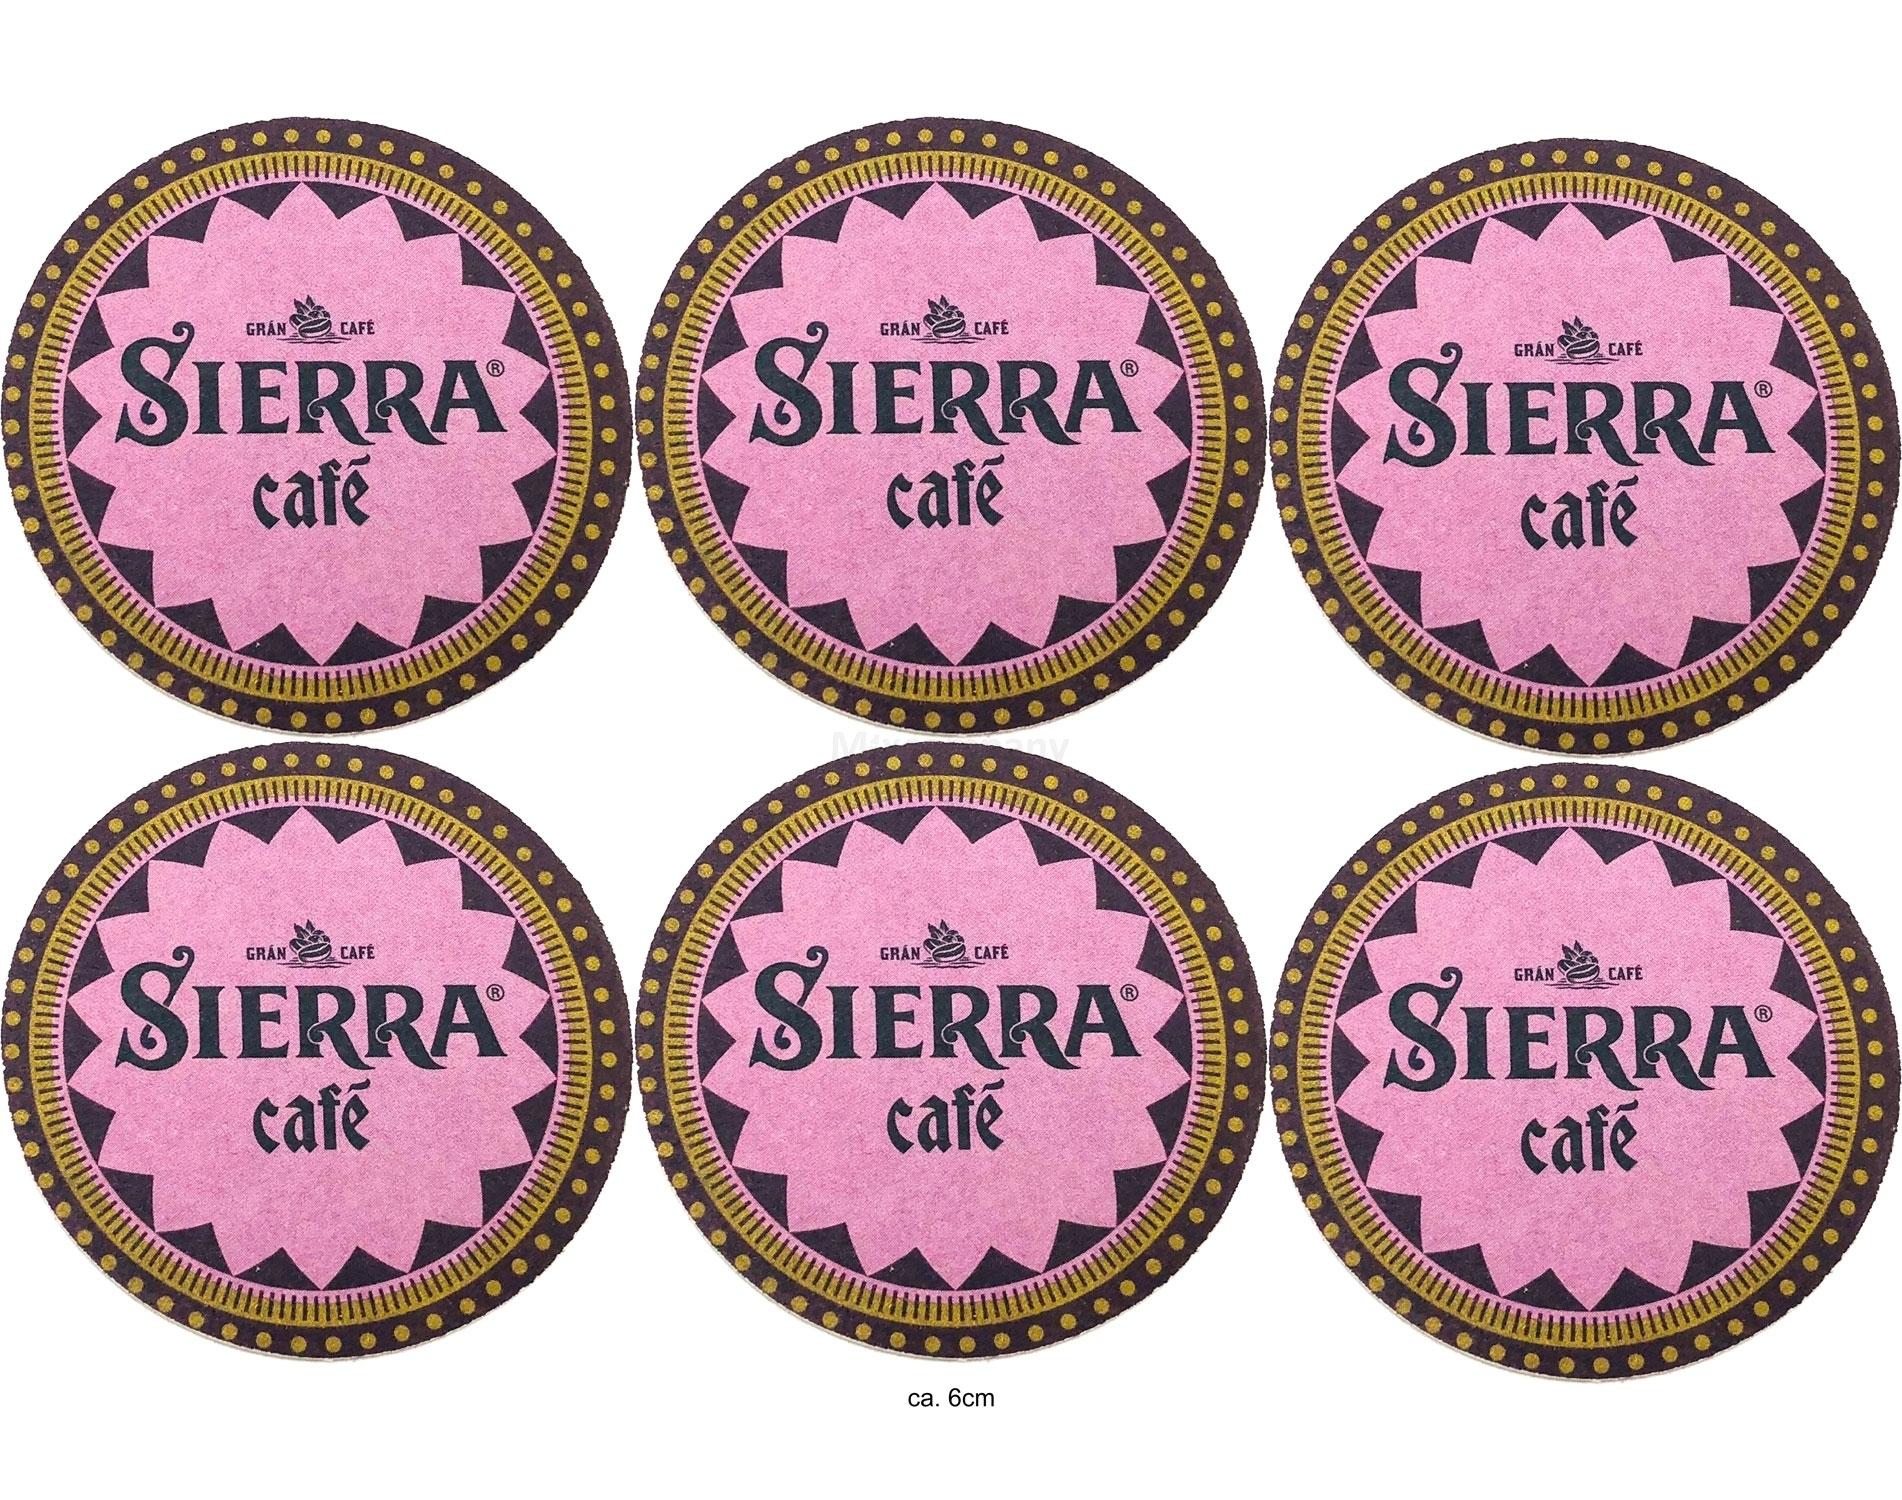 Sierra Cafe Untersetzer Pappuntersetzer Bierdeckel ca. 6cm - 6er set